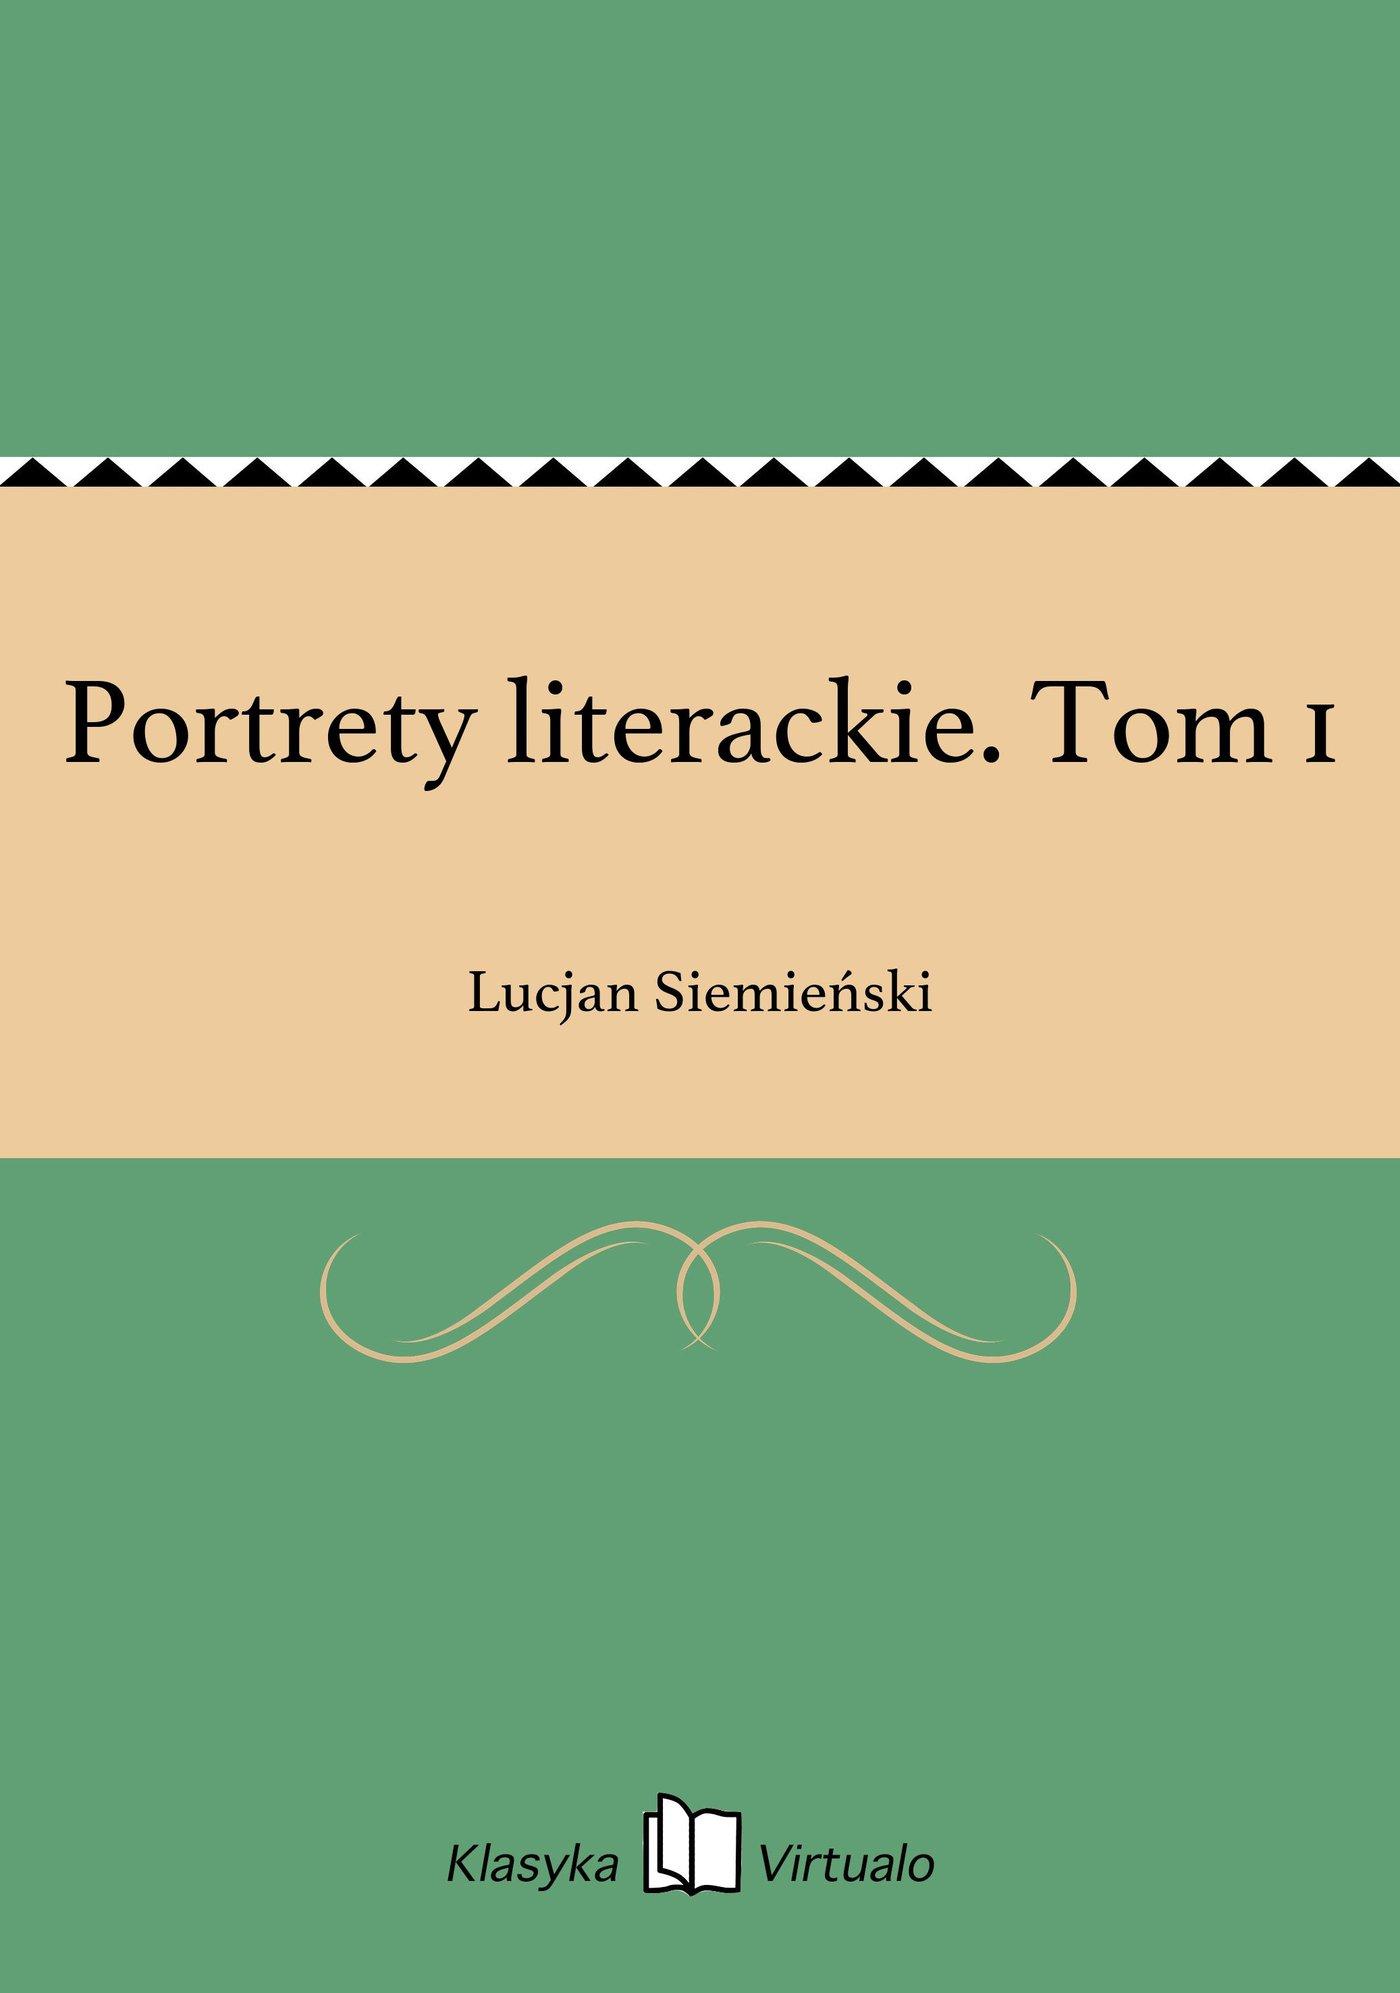 Portrety literackie. Tom 1 - Ebook (Książka na Kindle) do pobrania w formacie MOBI